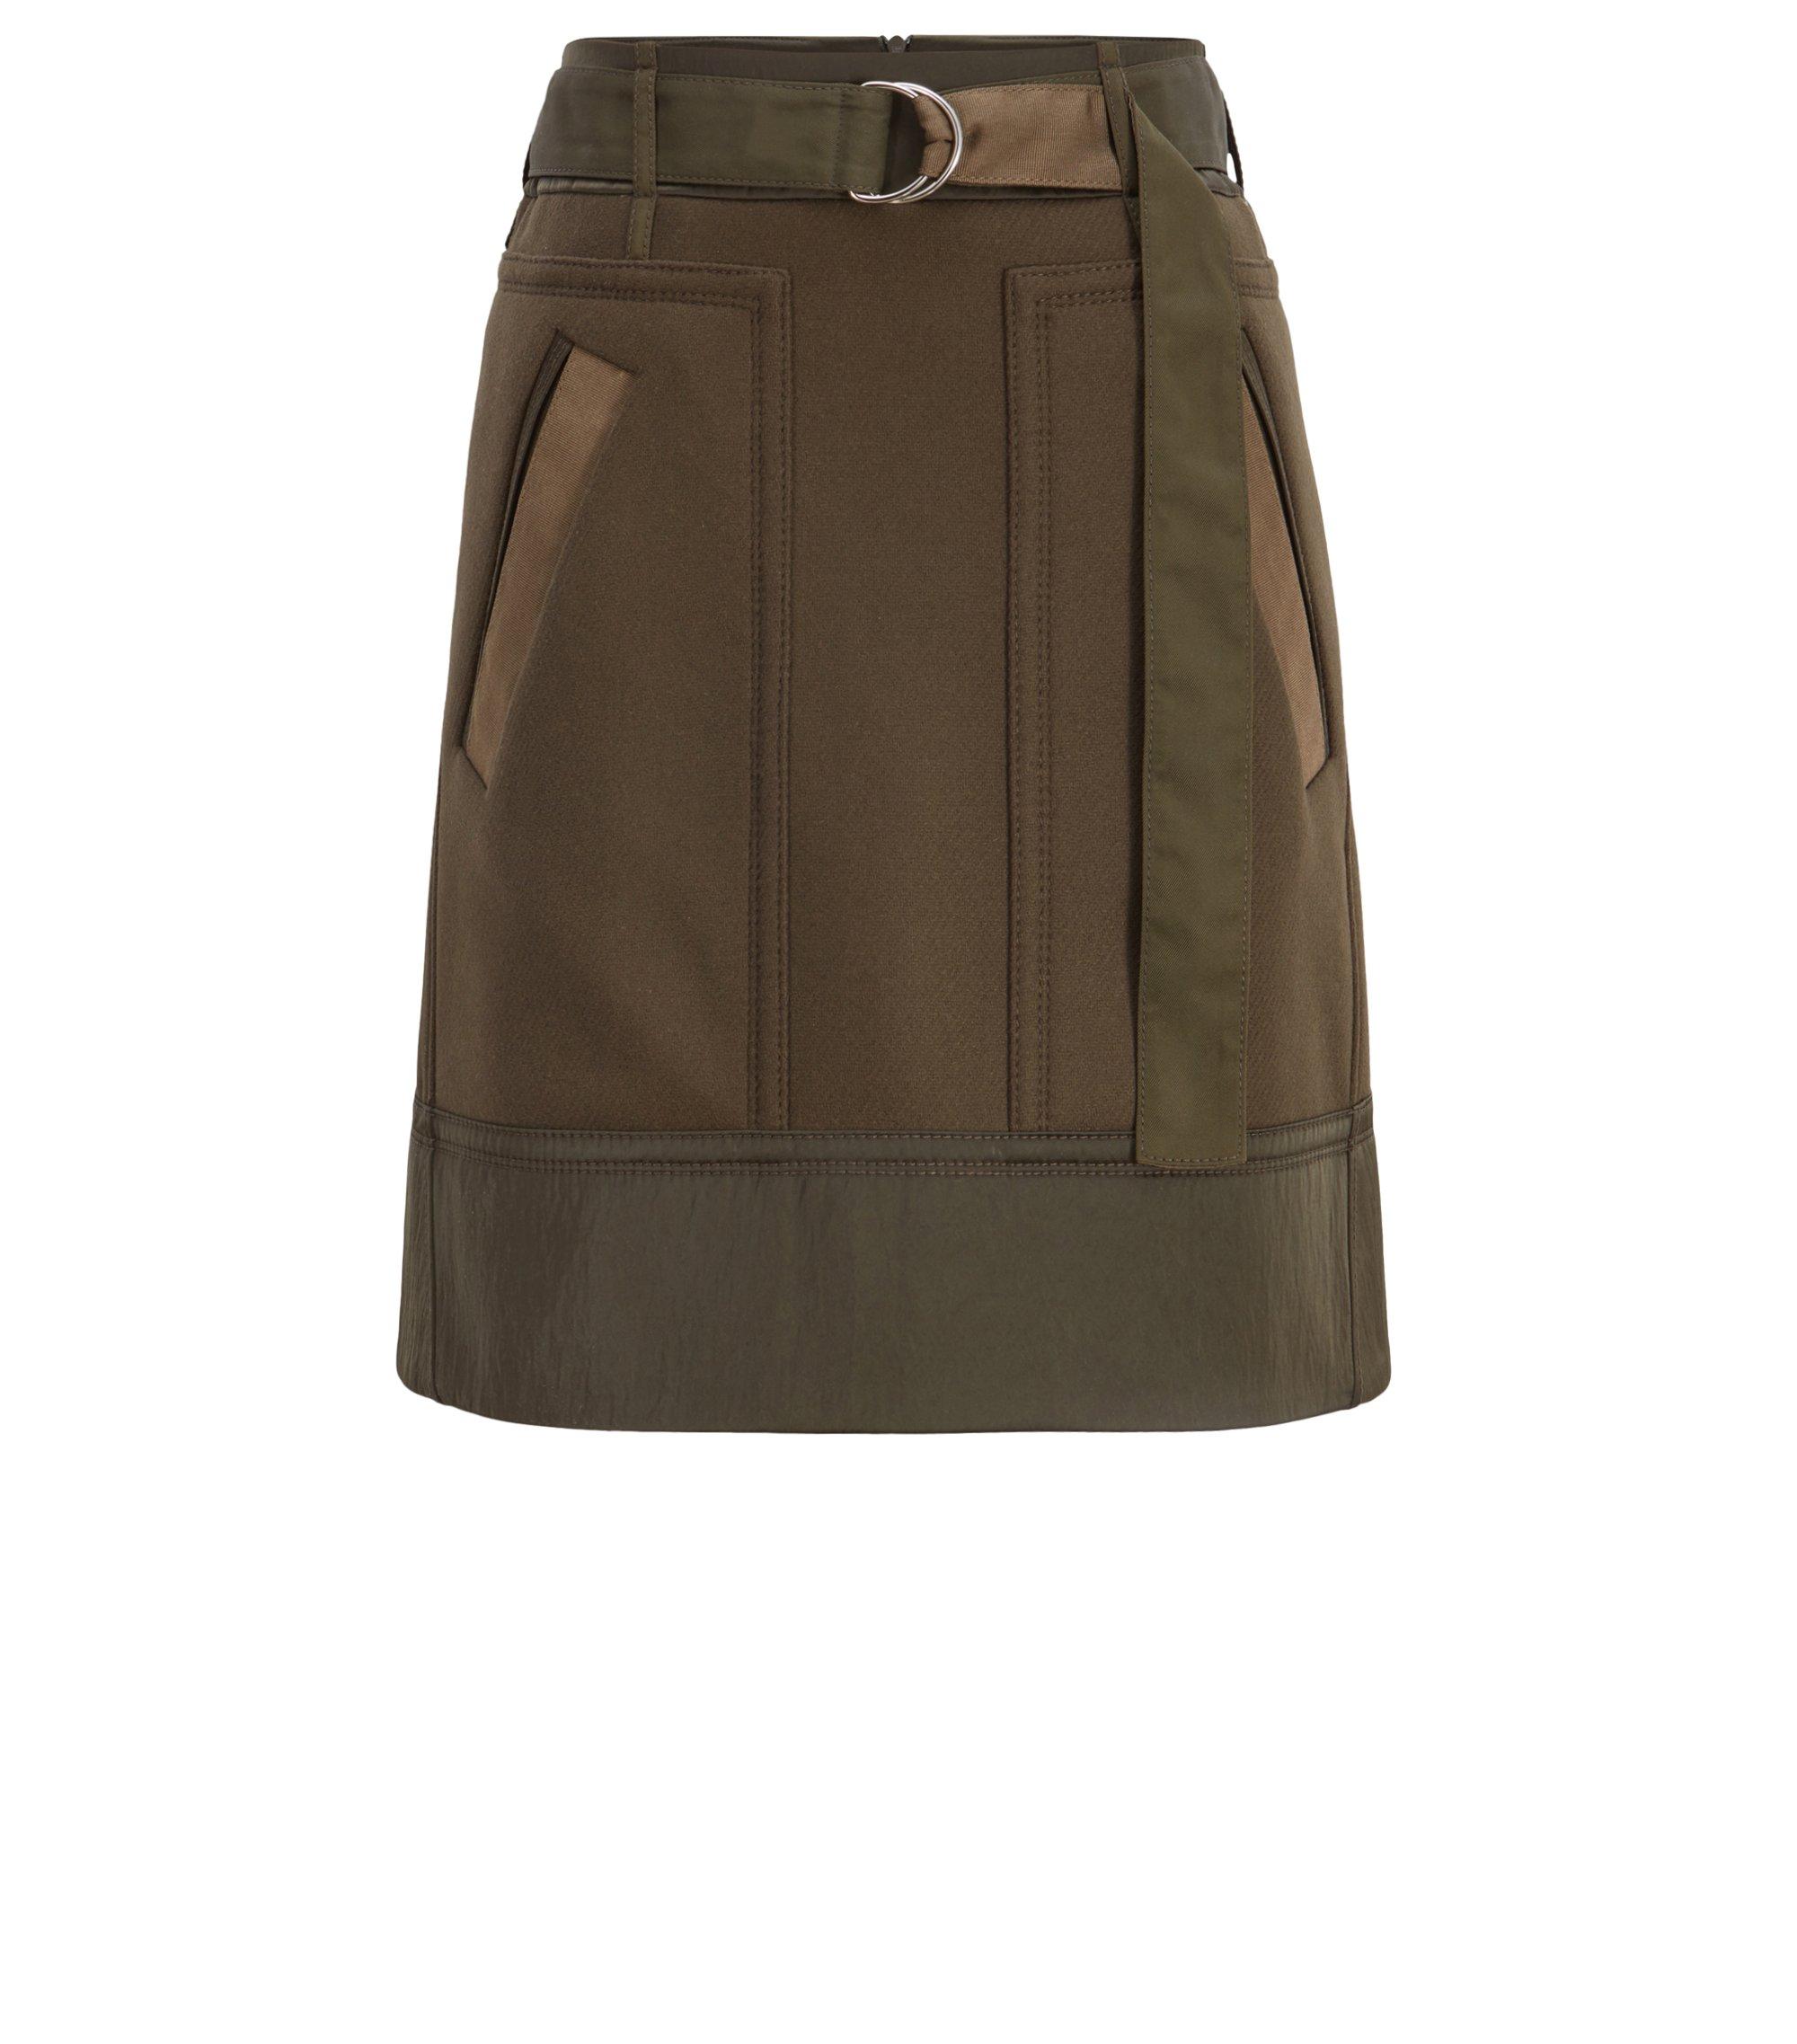 Minigonna dalla linea svasata d'ispirazione militare in misto lana realizzato in Italia, Verde scuro